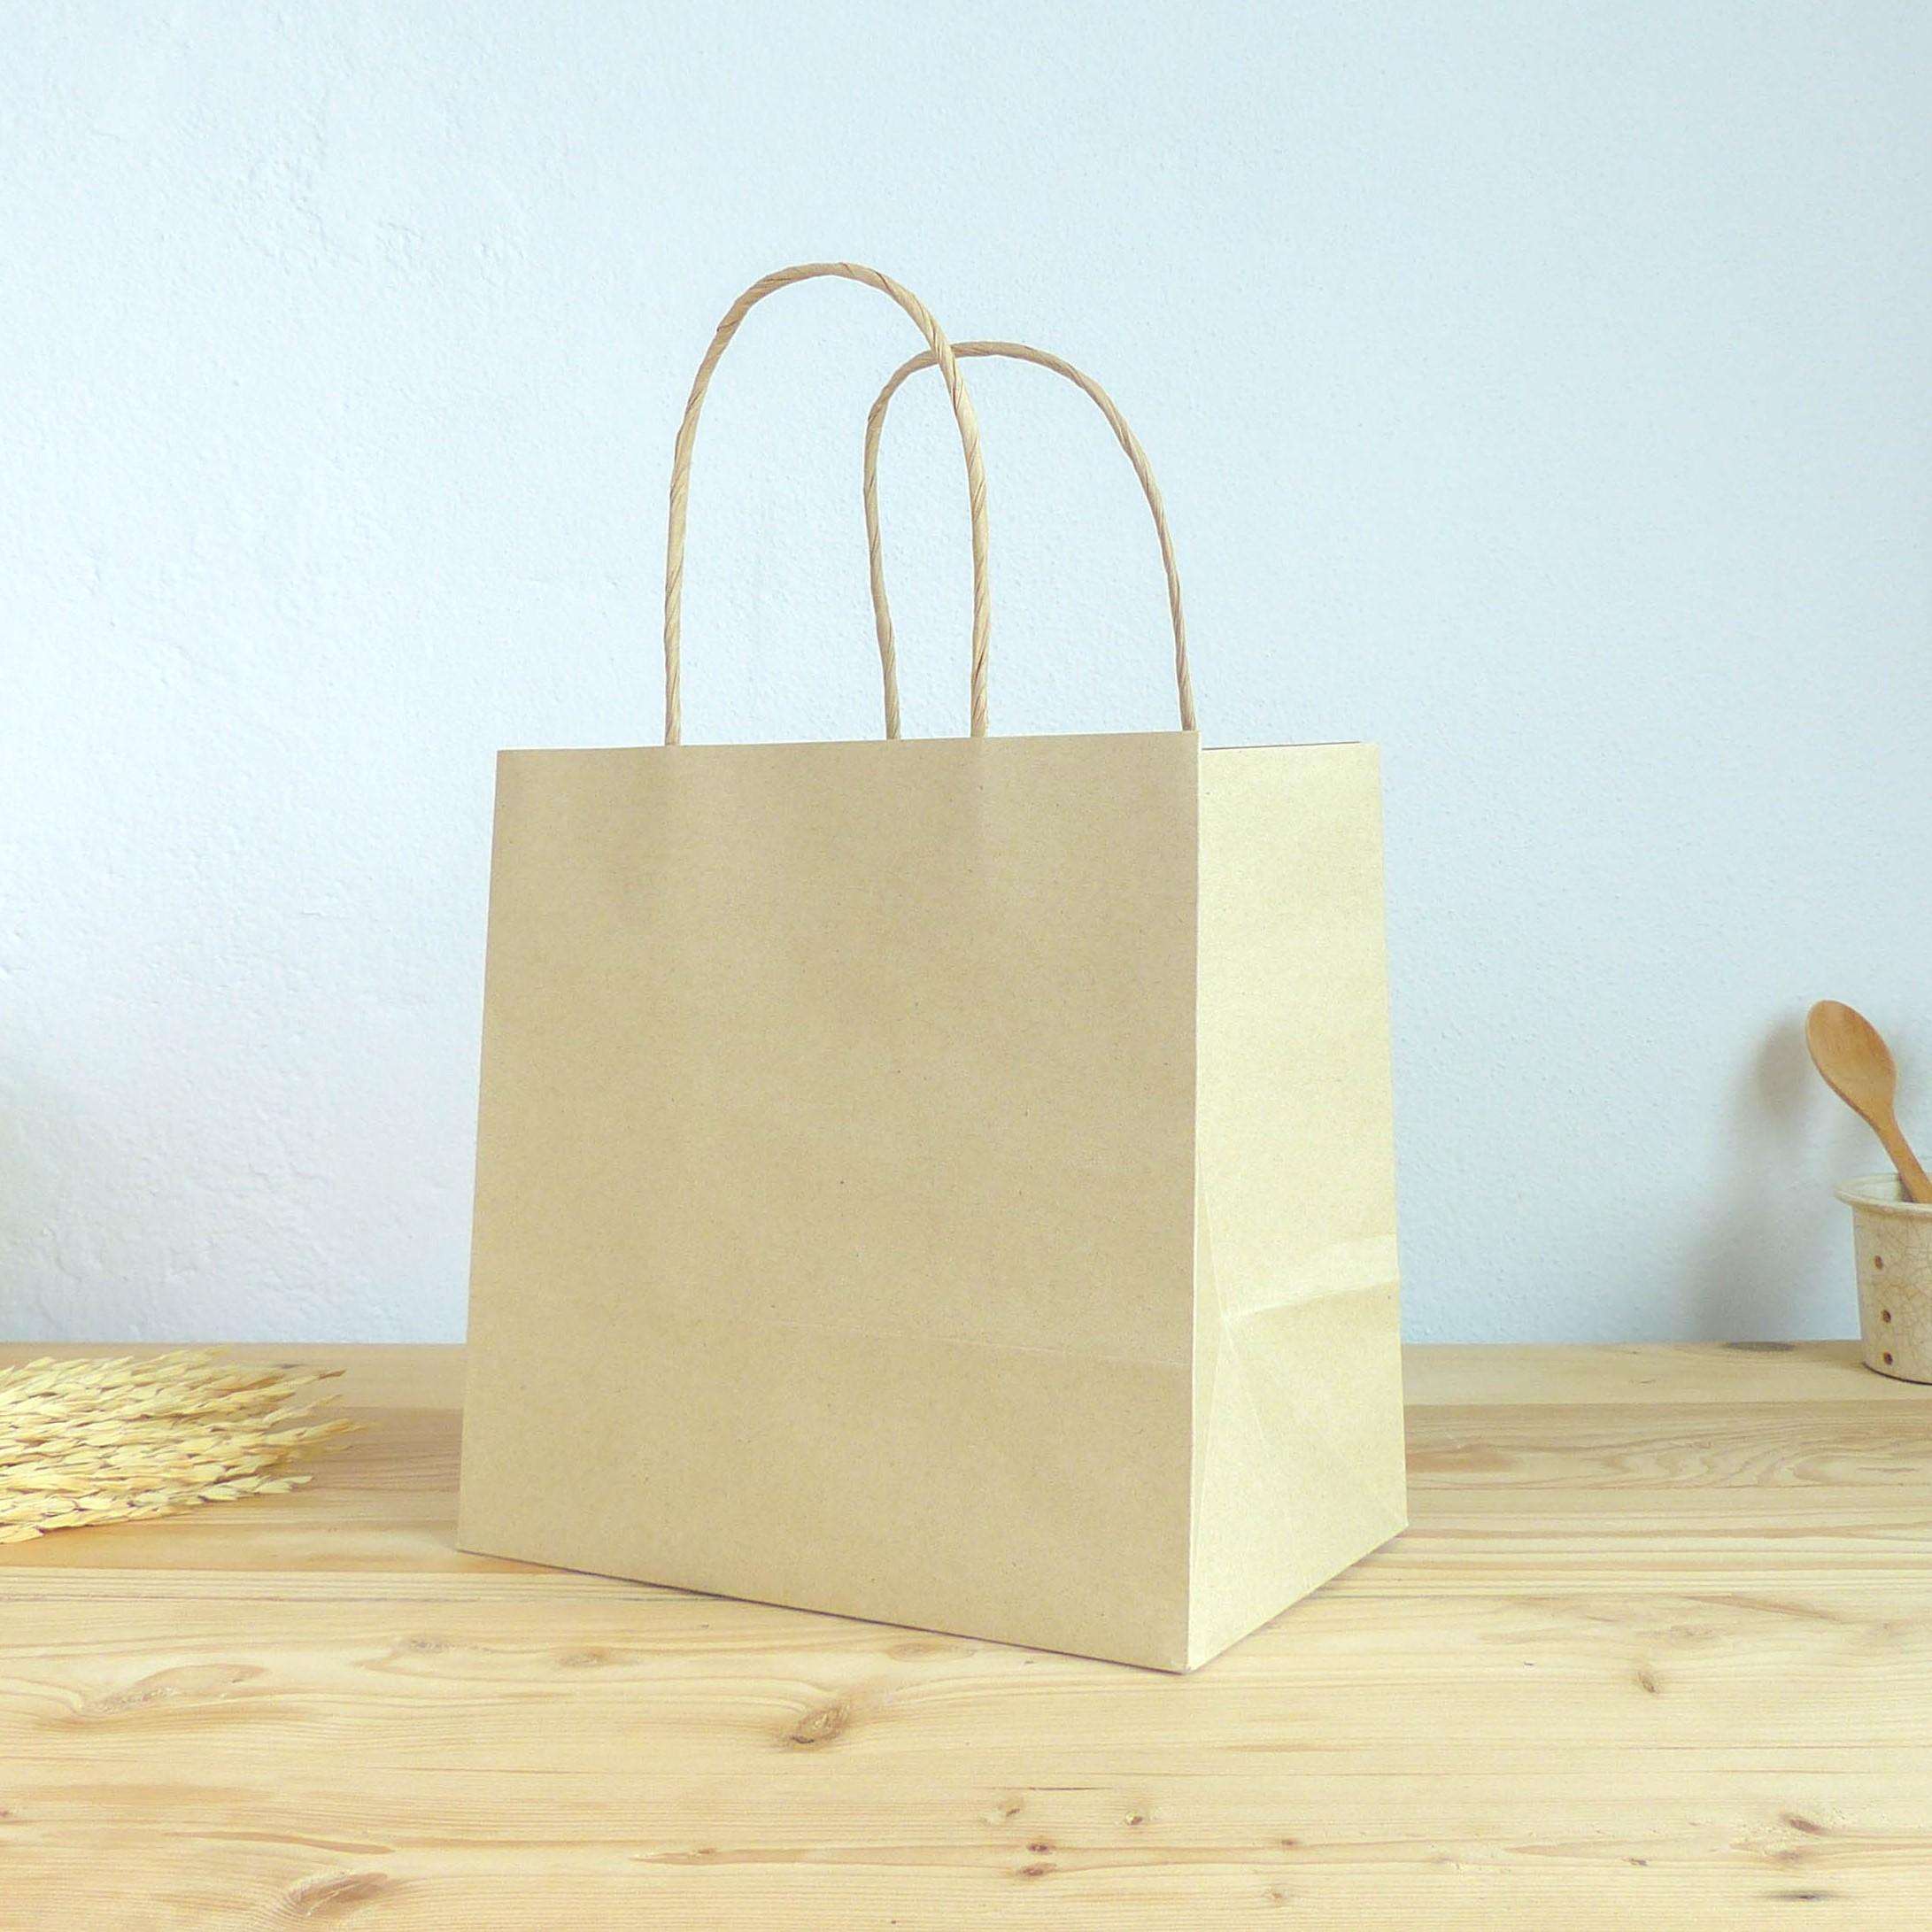 ถุงกระดาษ ใส่กล่องอาหาร size M